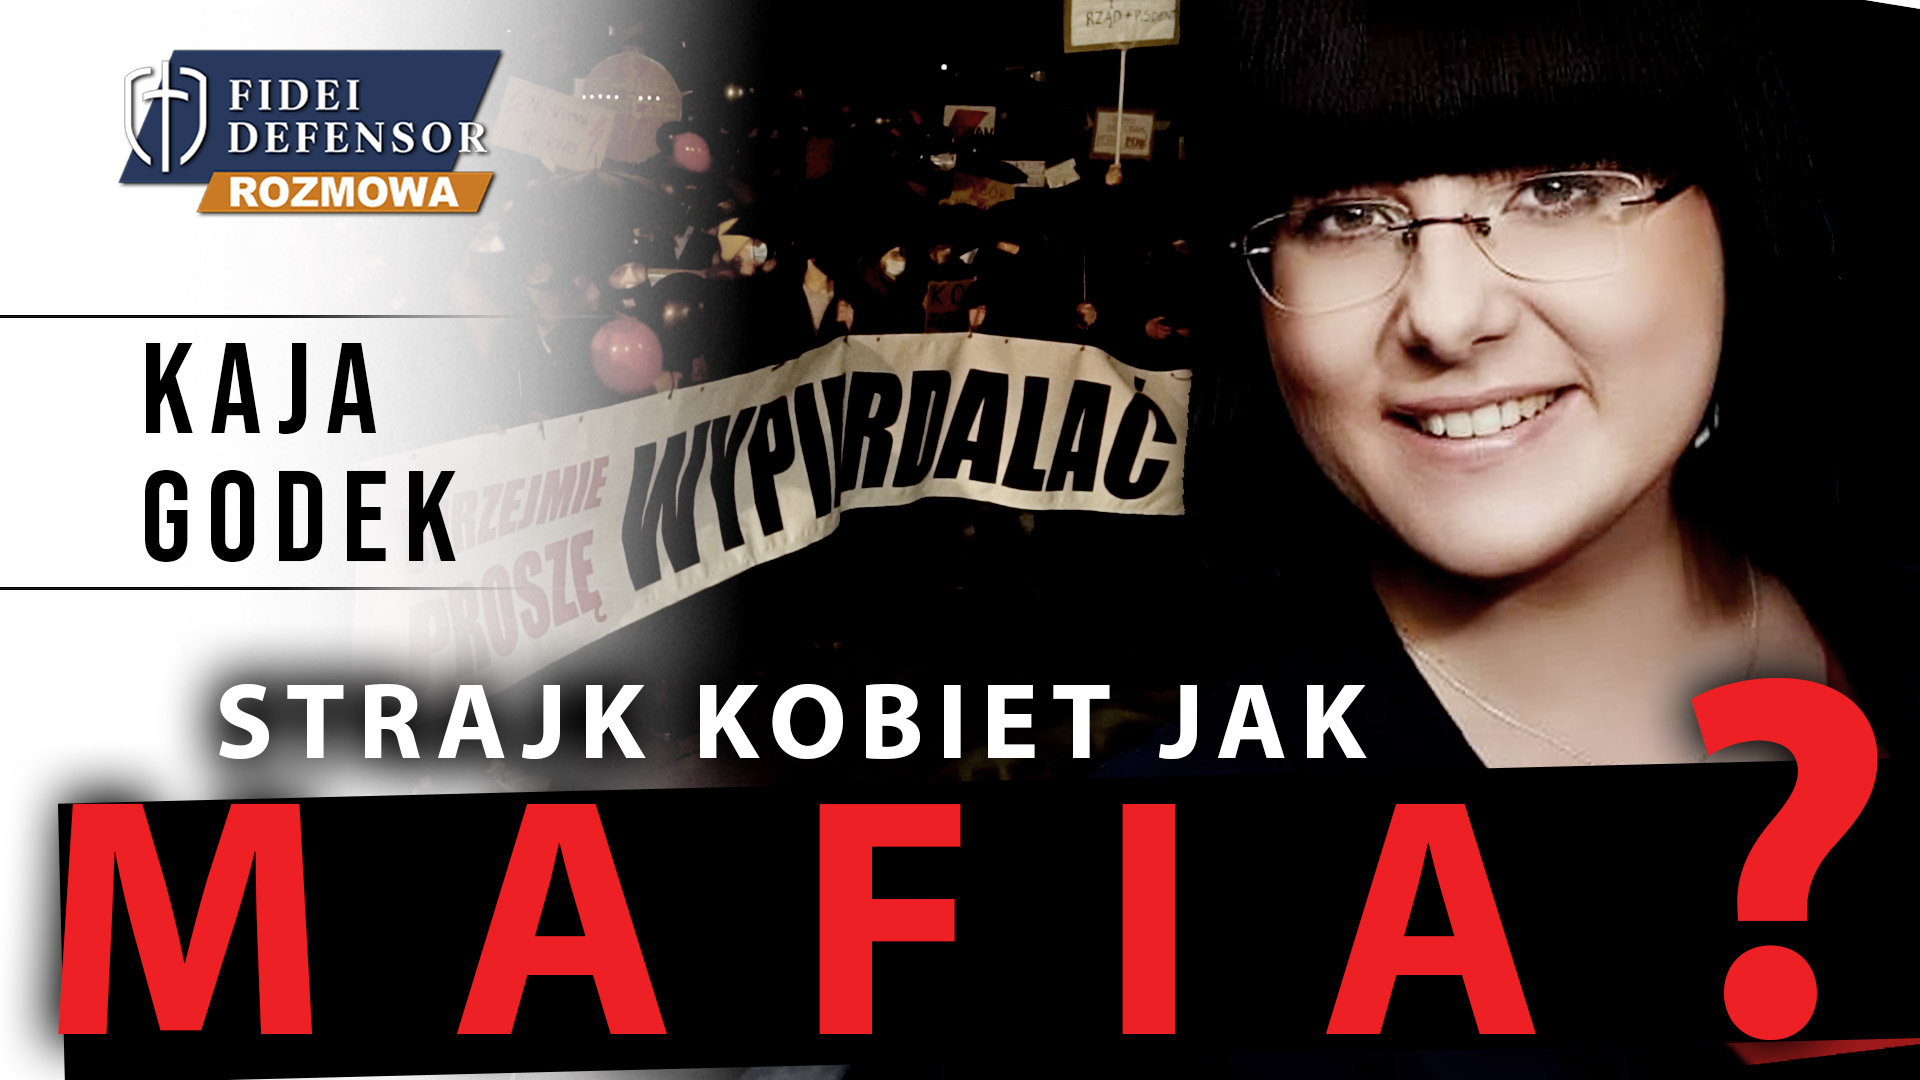 Strajk kobiet jak MAFIA? – Kaja Godek gościem Rozmowy Fidei Defensor